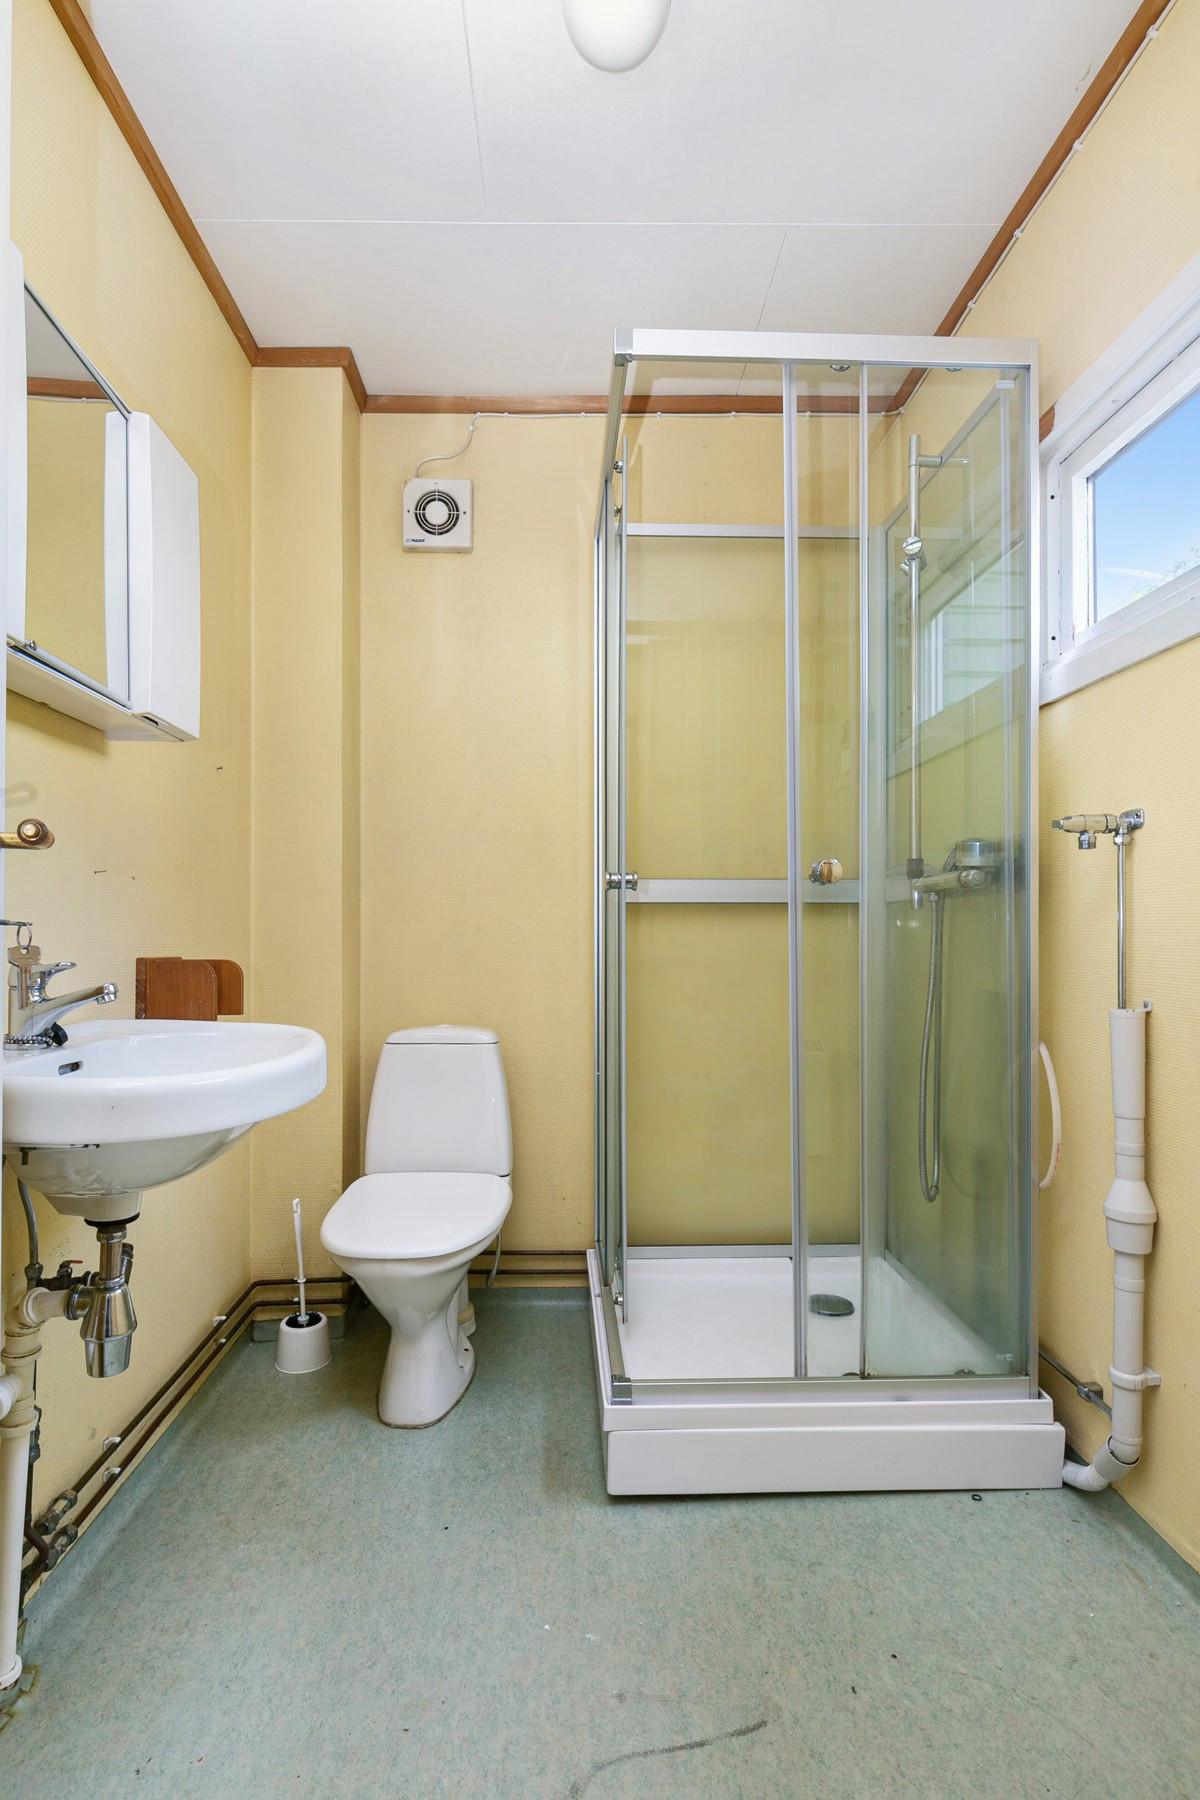 Bad med dusjkabinett og opplegg til vaskemaskin